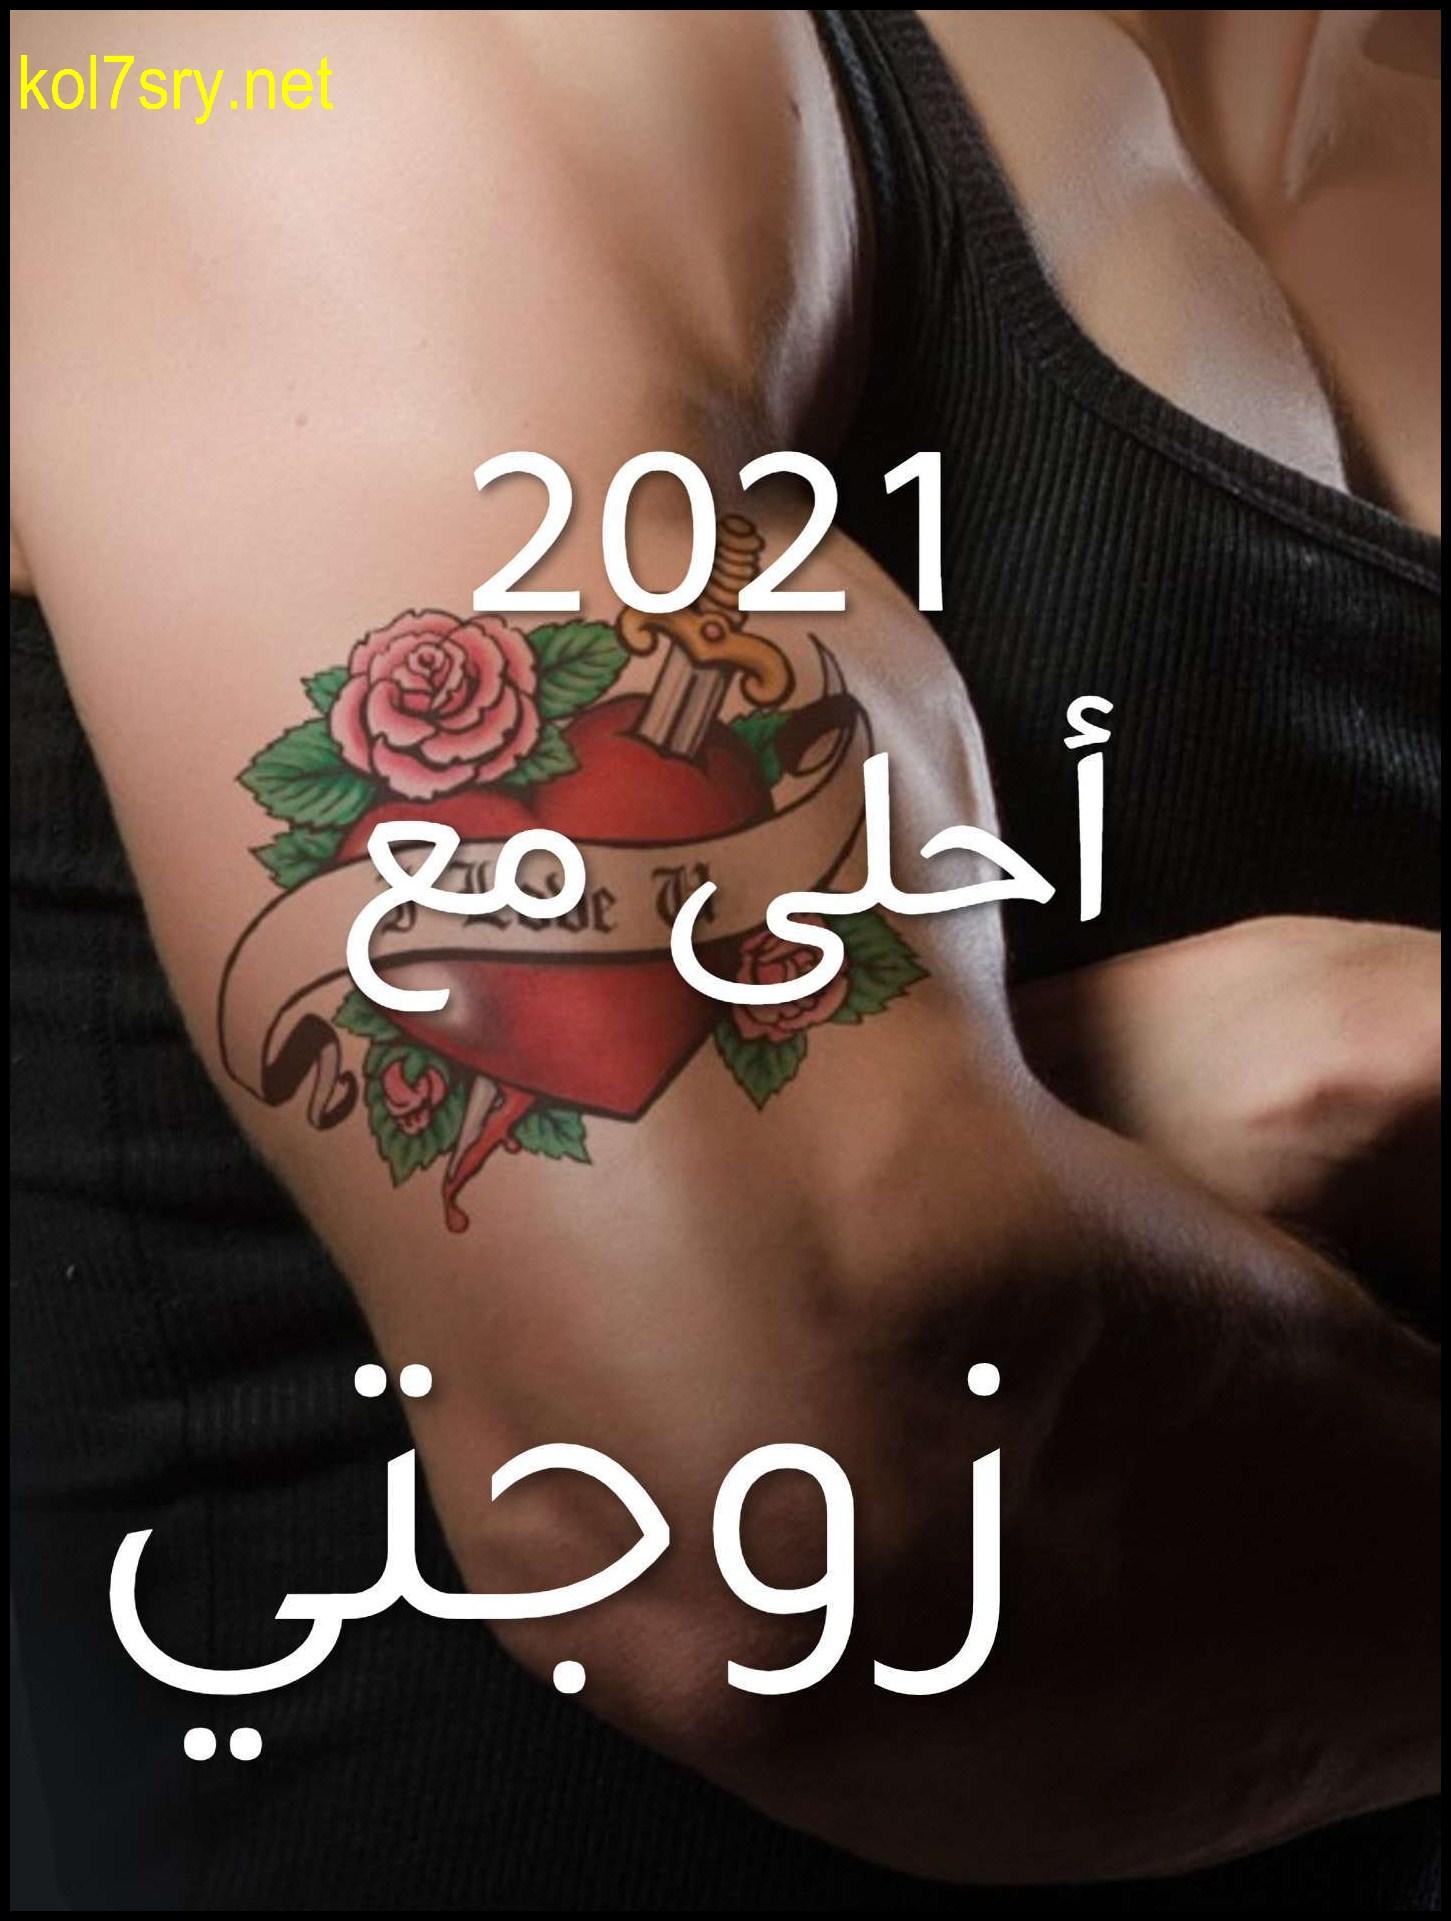 2021 أحلى مع اسمك أجمل 40 صورة HD لعام 2021 احلى مع مجانا اطلب التصميم بالتعليقات 20